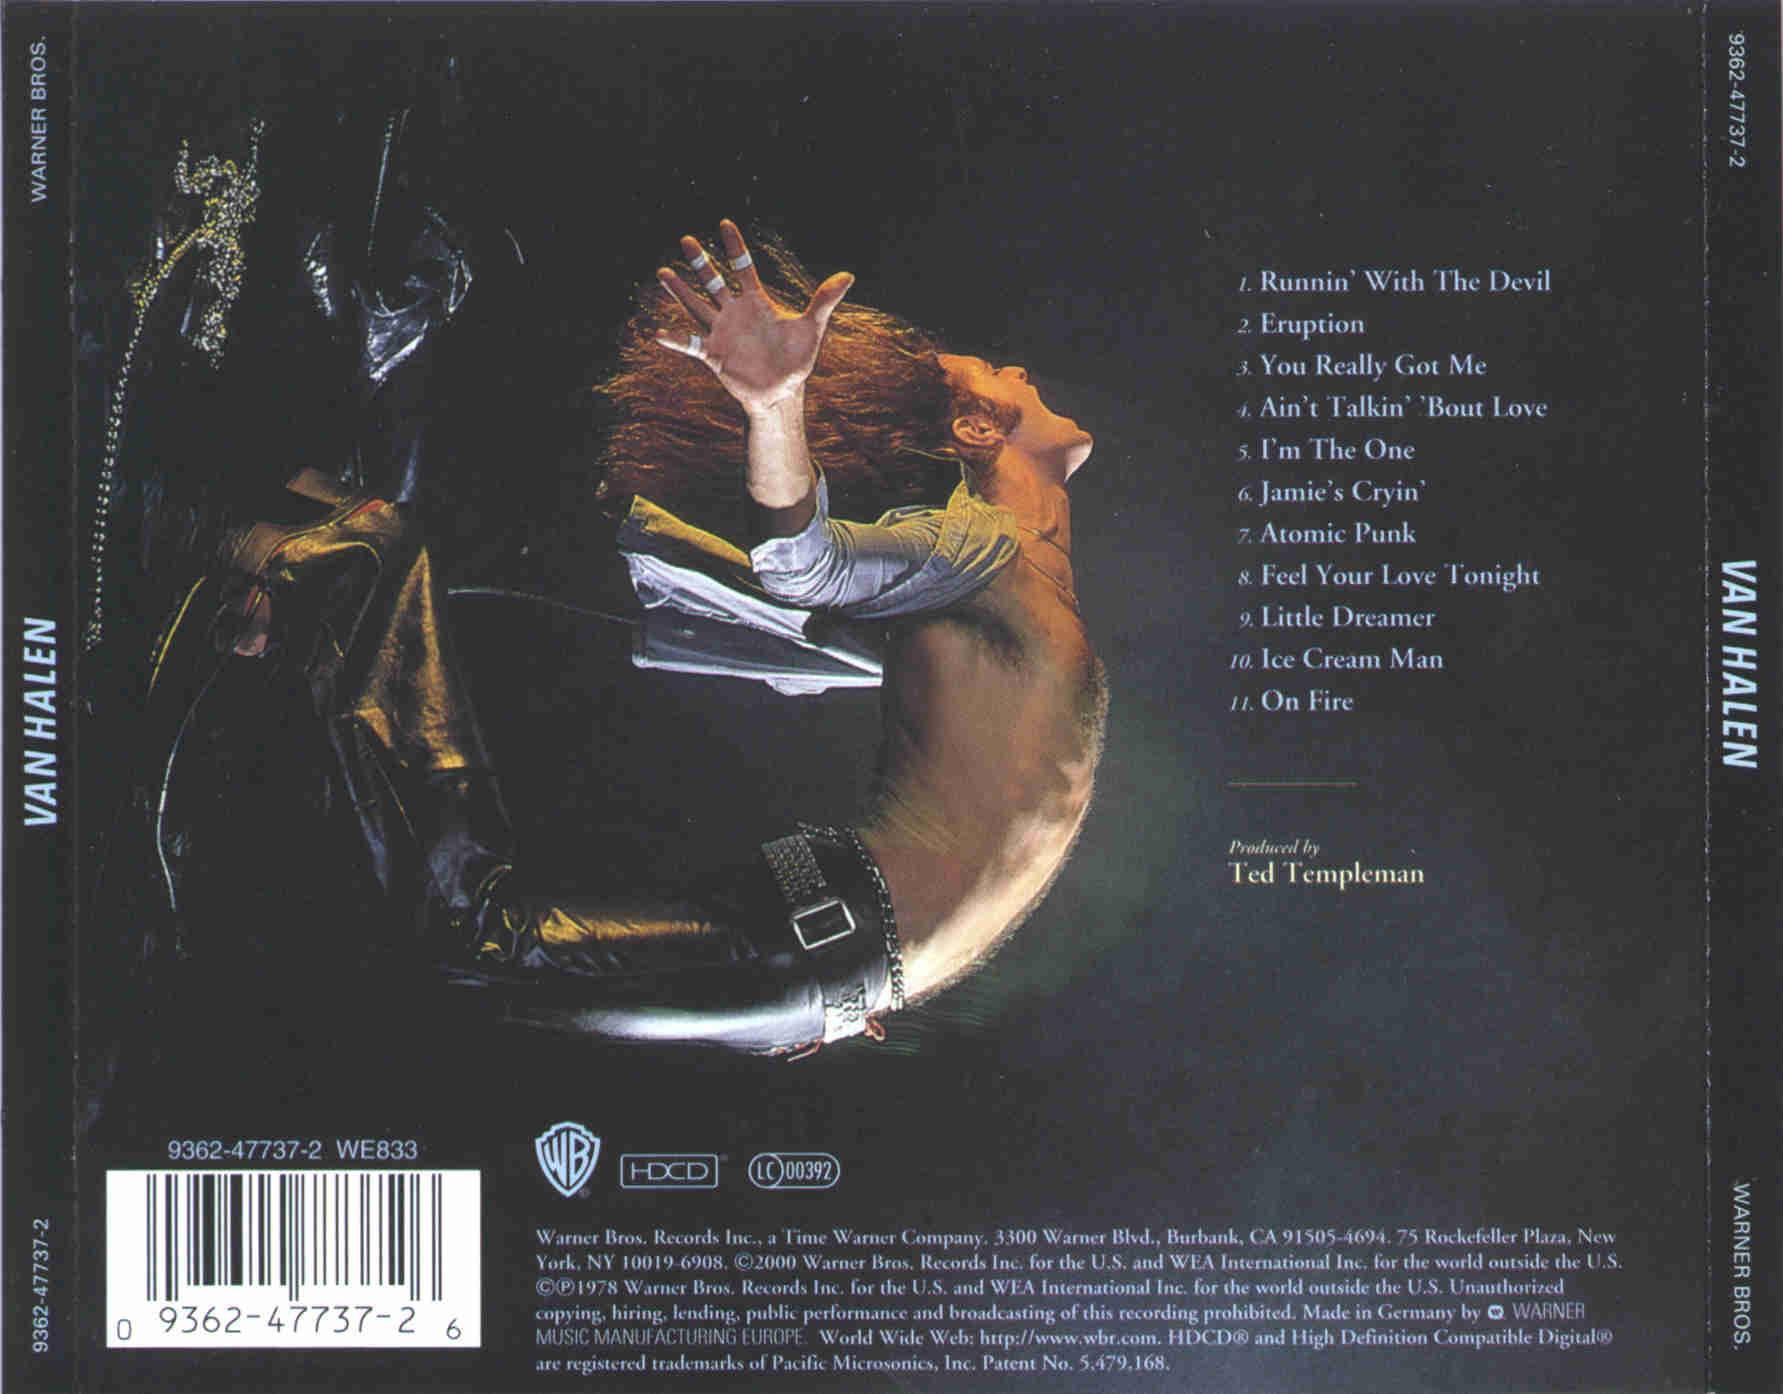 Van Halen - Van Halen  year (1978)